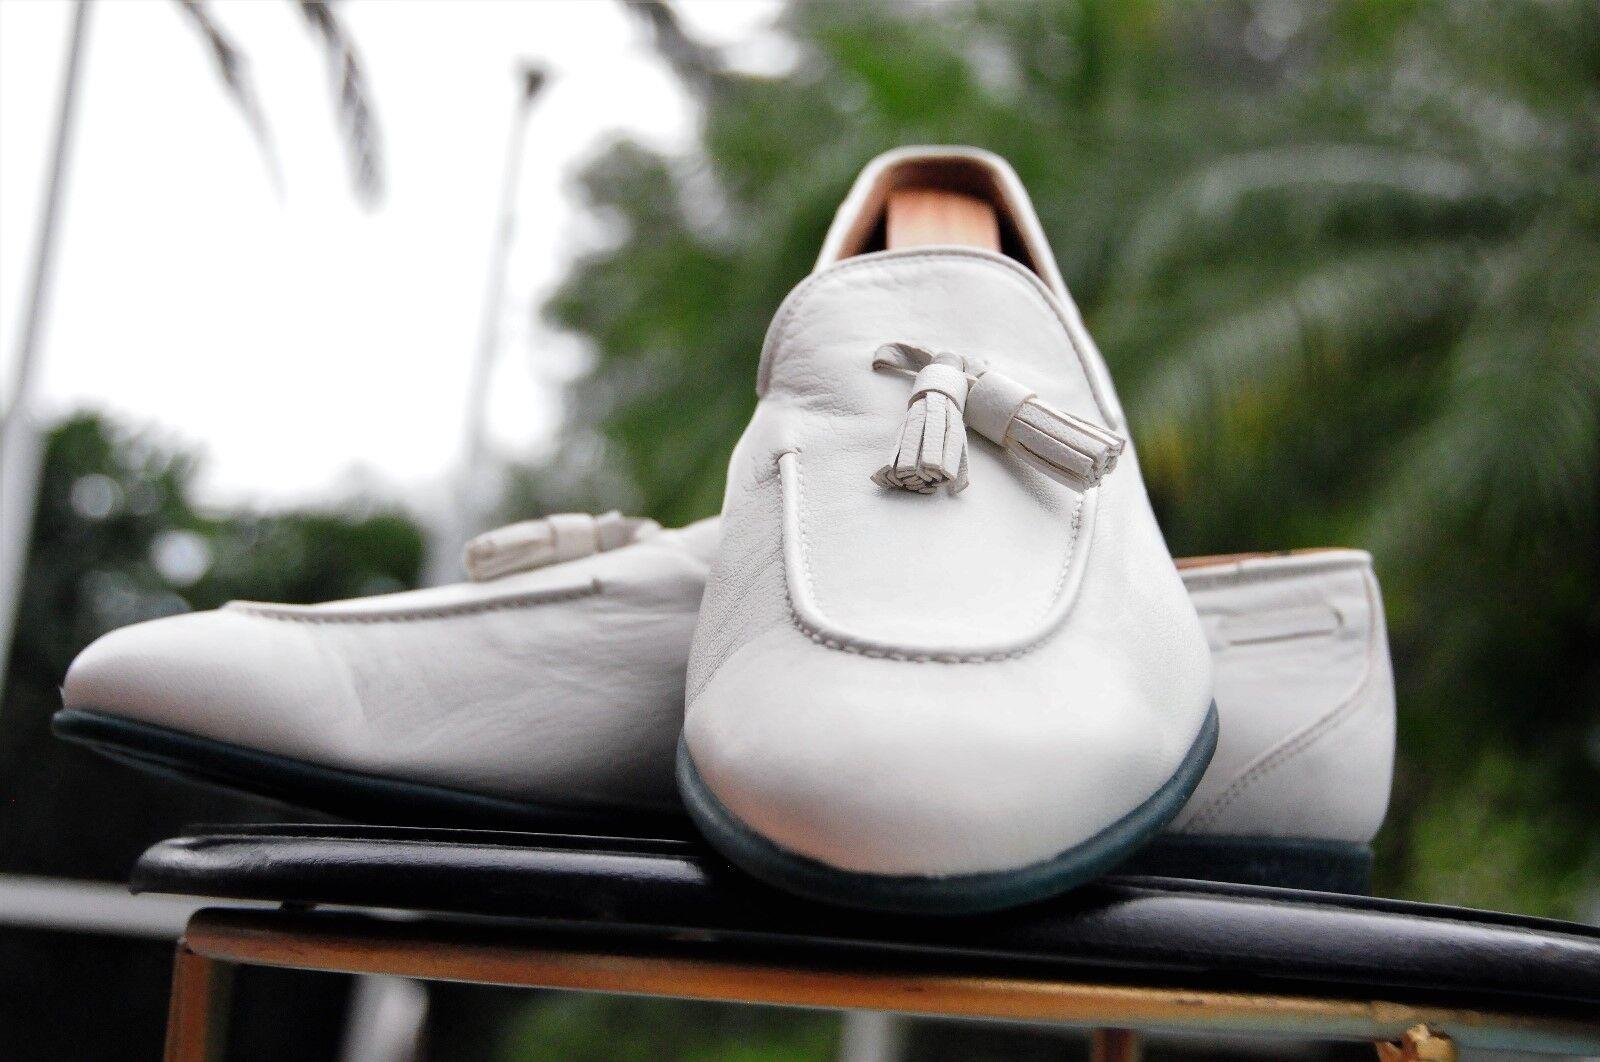 Salvatore  Ferragamo Man's bianca Leather Tassel Lofers Dimensione 10.5 EE  solo per te